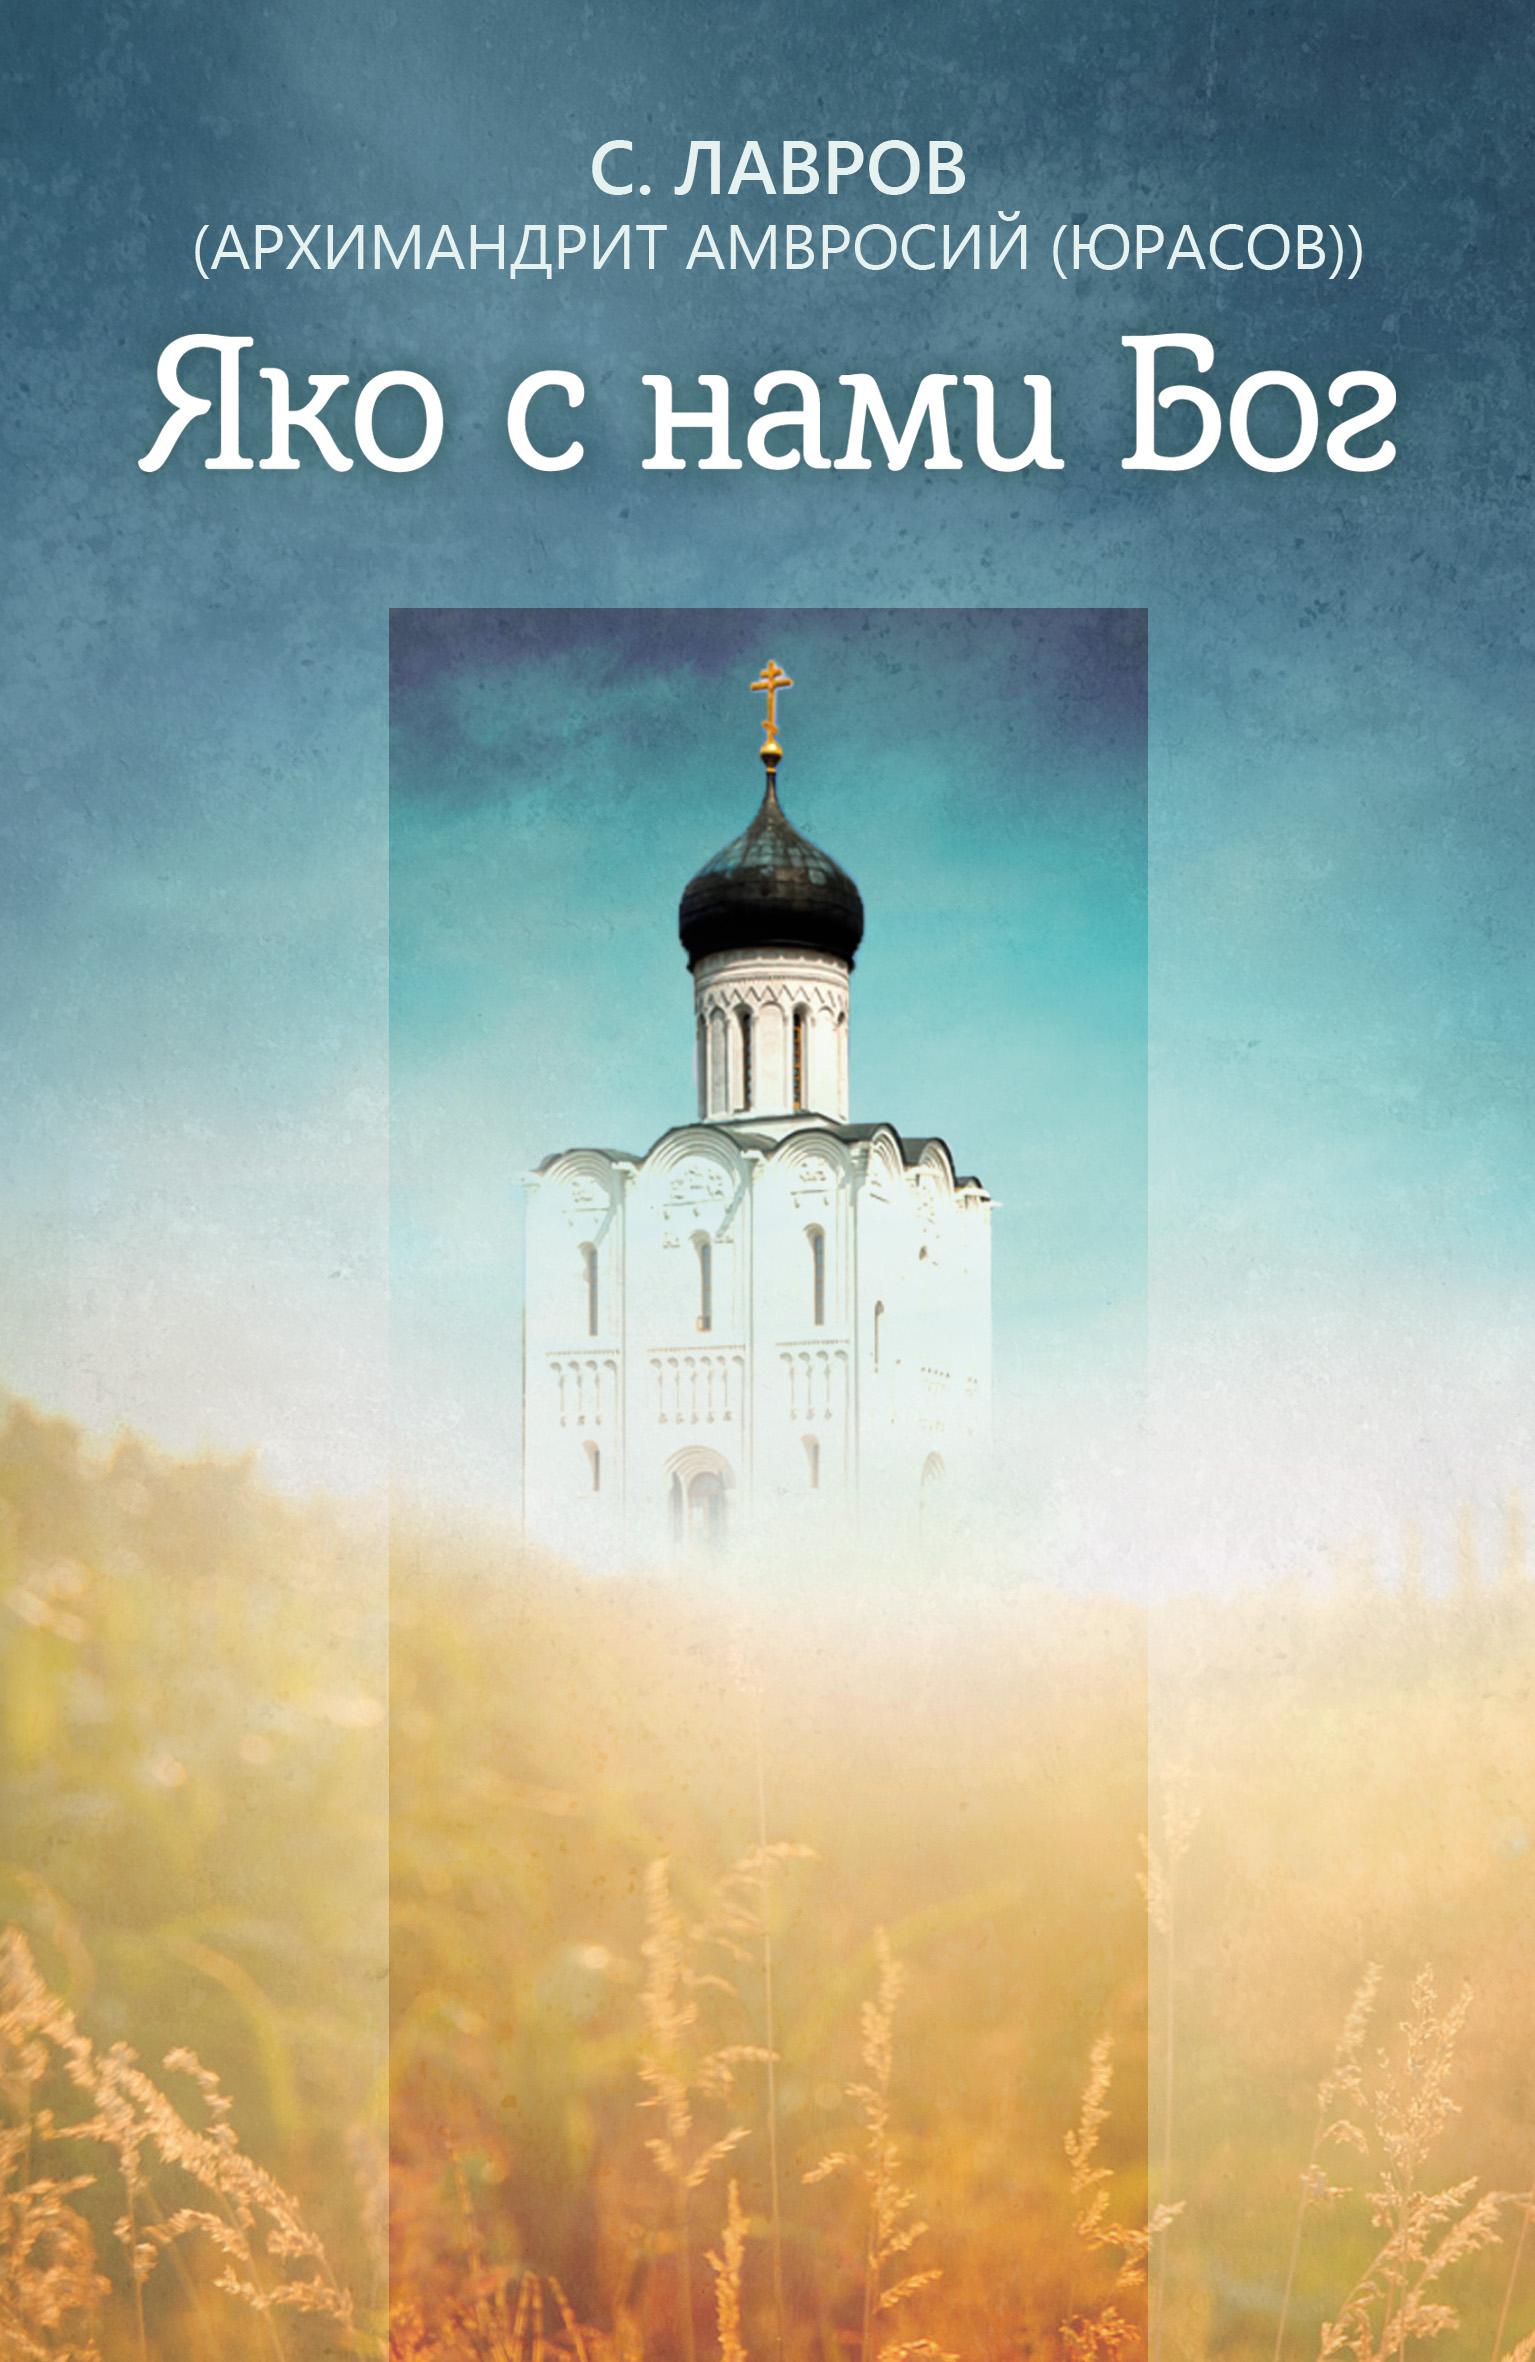 архимандрит Амвросий (Юрасов) Яко с нами Бог вилкерсон д бог верный в 2 х книгах книга 1